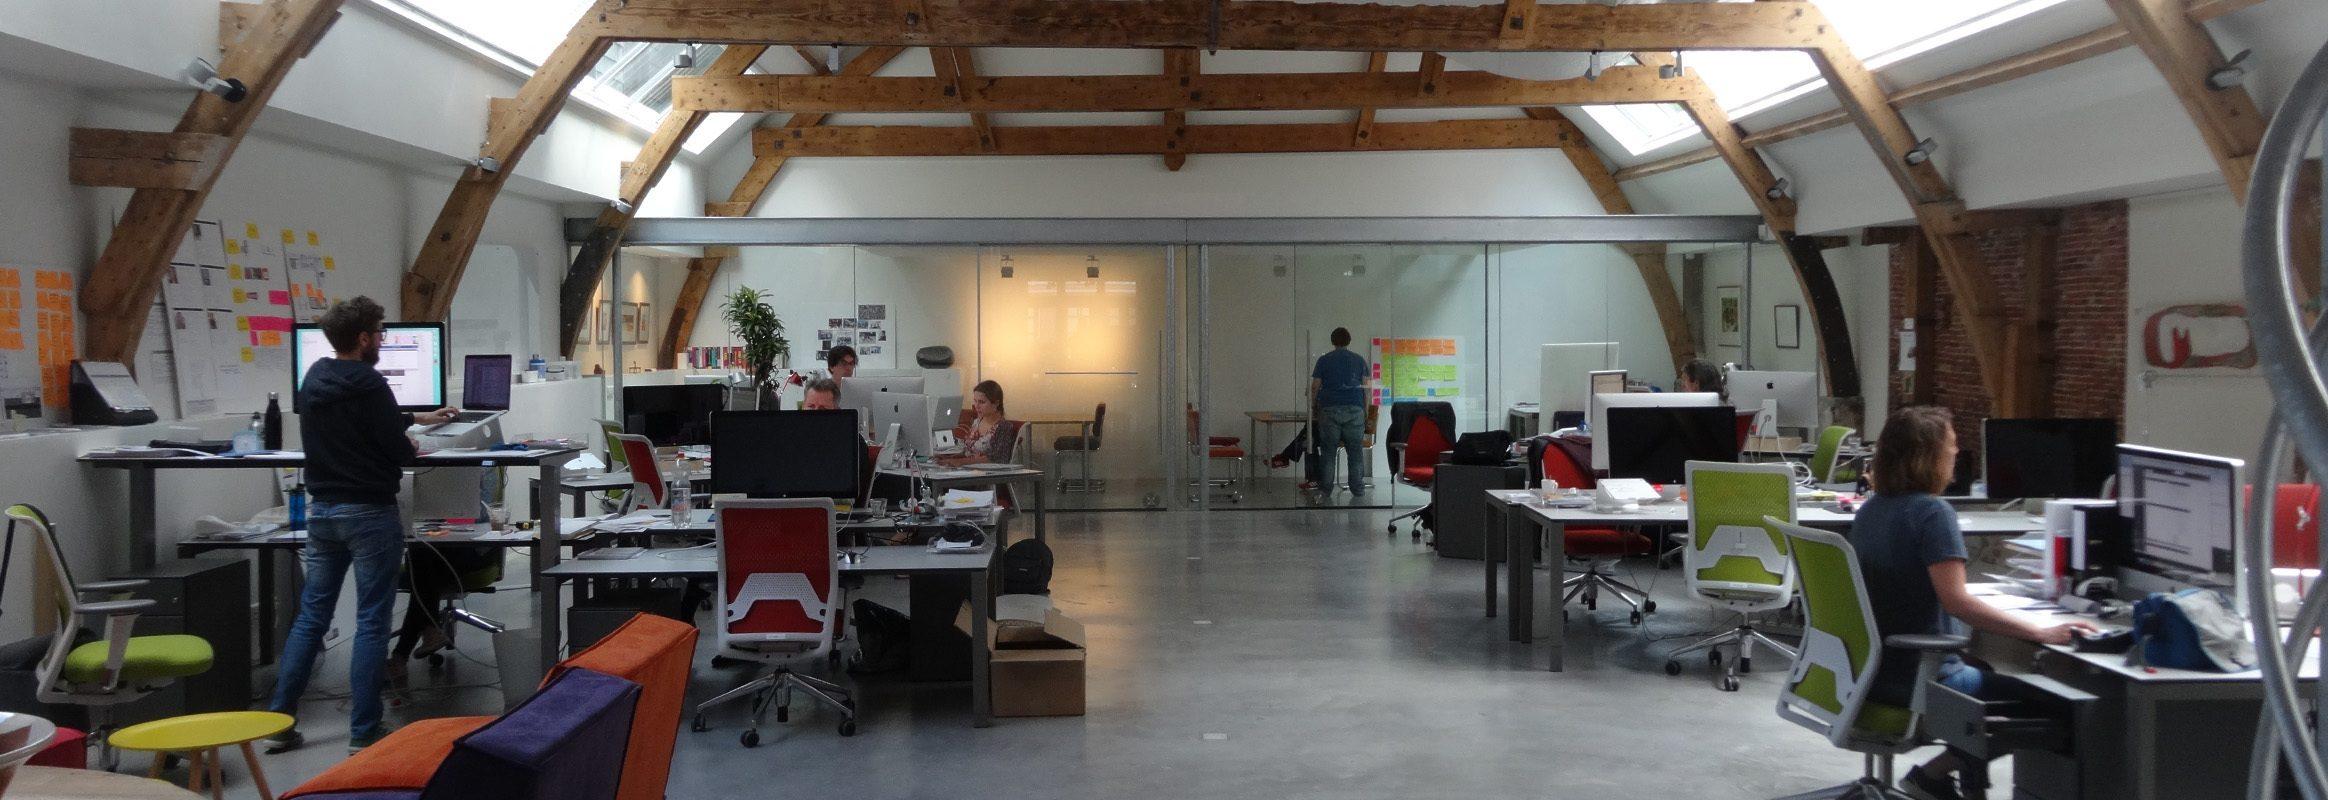 Espacio de oficina AssistiveWare